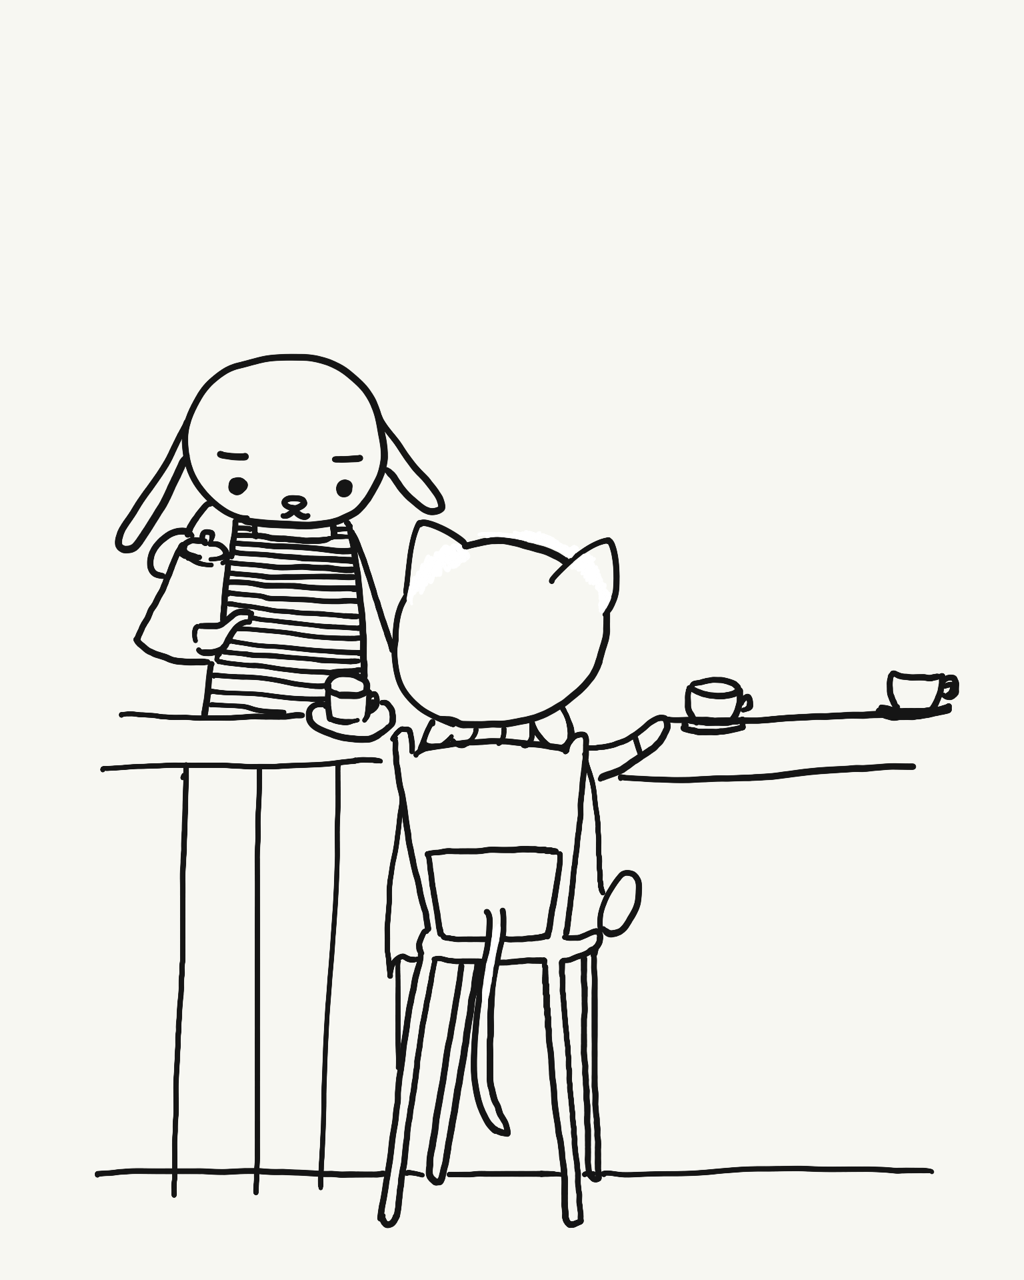 #今日は何の日 #喫茶店の日   #漫画 #1コマ #キャラクターイラスト #犬イラスト #猫イラスト #cafe #カフェ #喫茶店